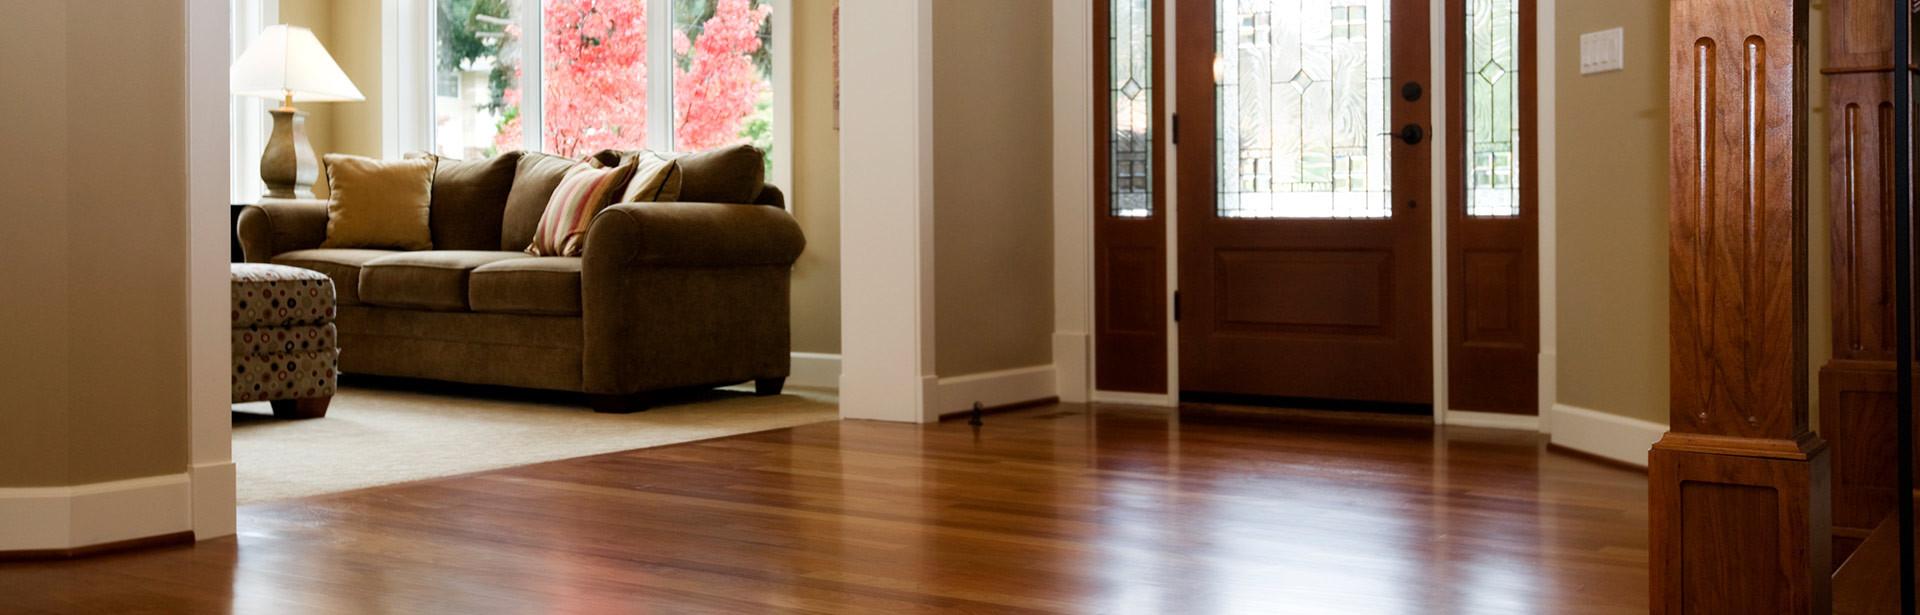 hardwood floor refinishing frederick md of royal oak hardwood floor co with slide1